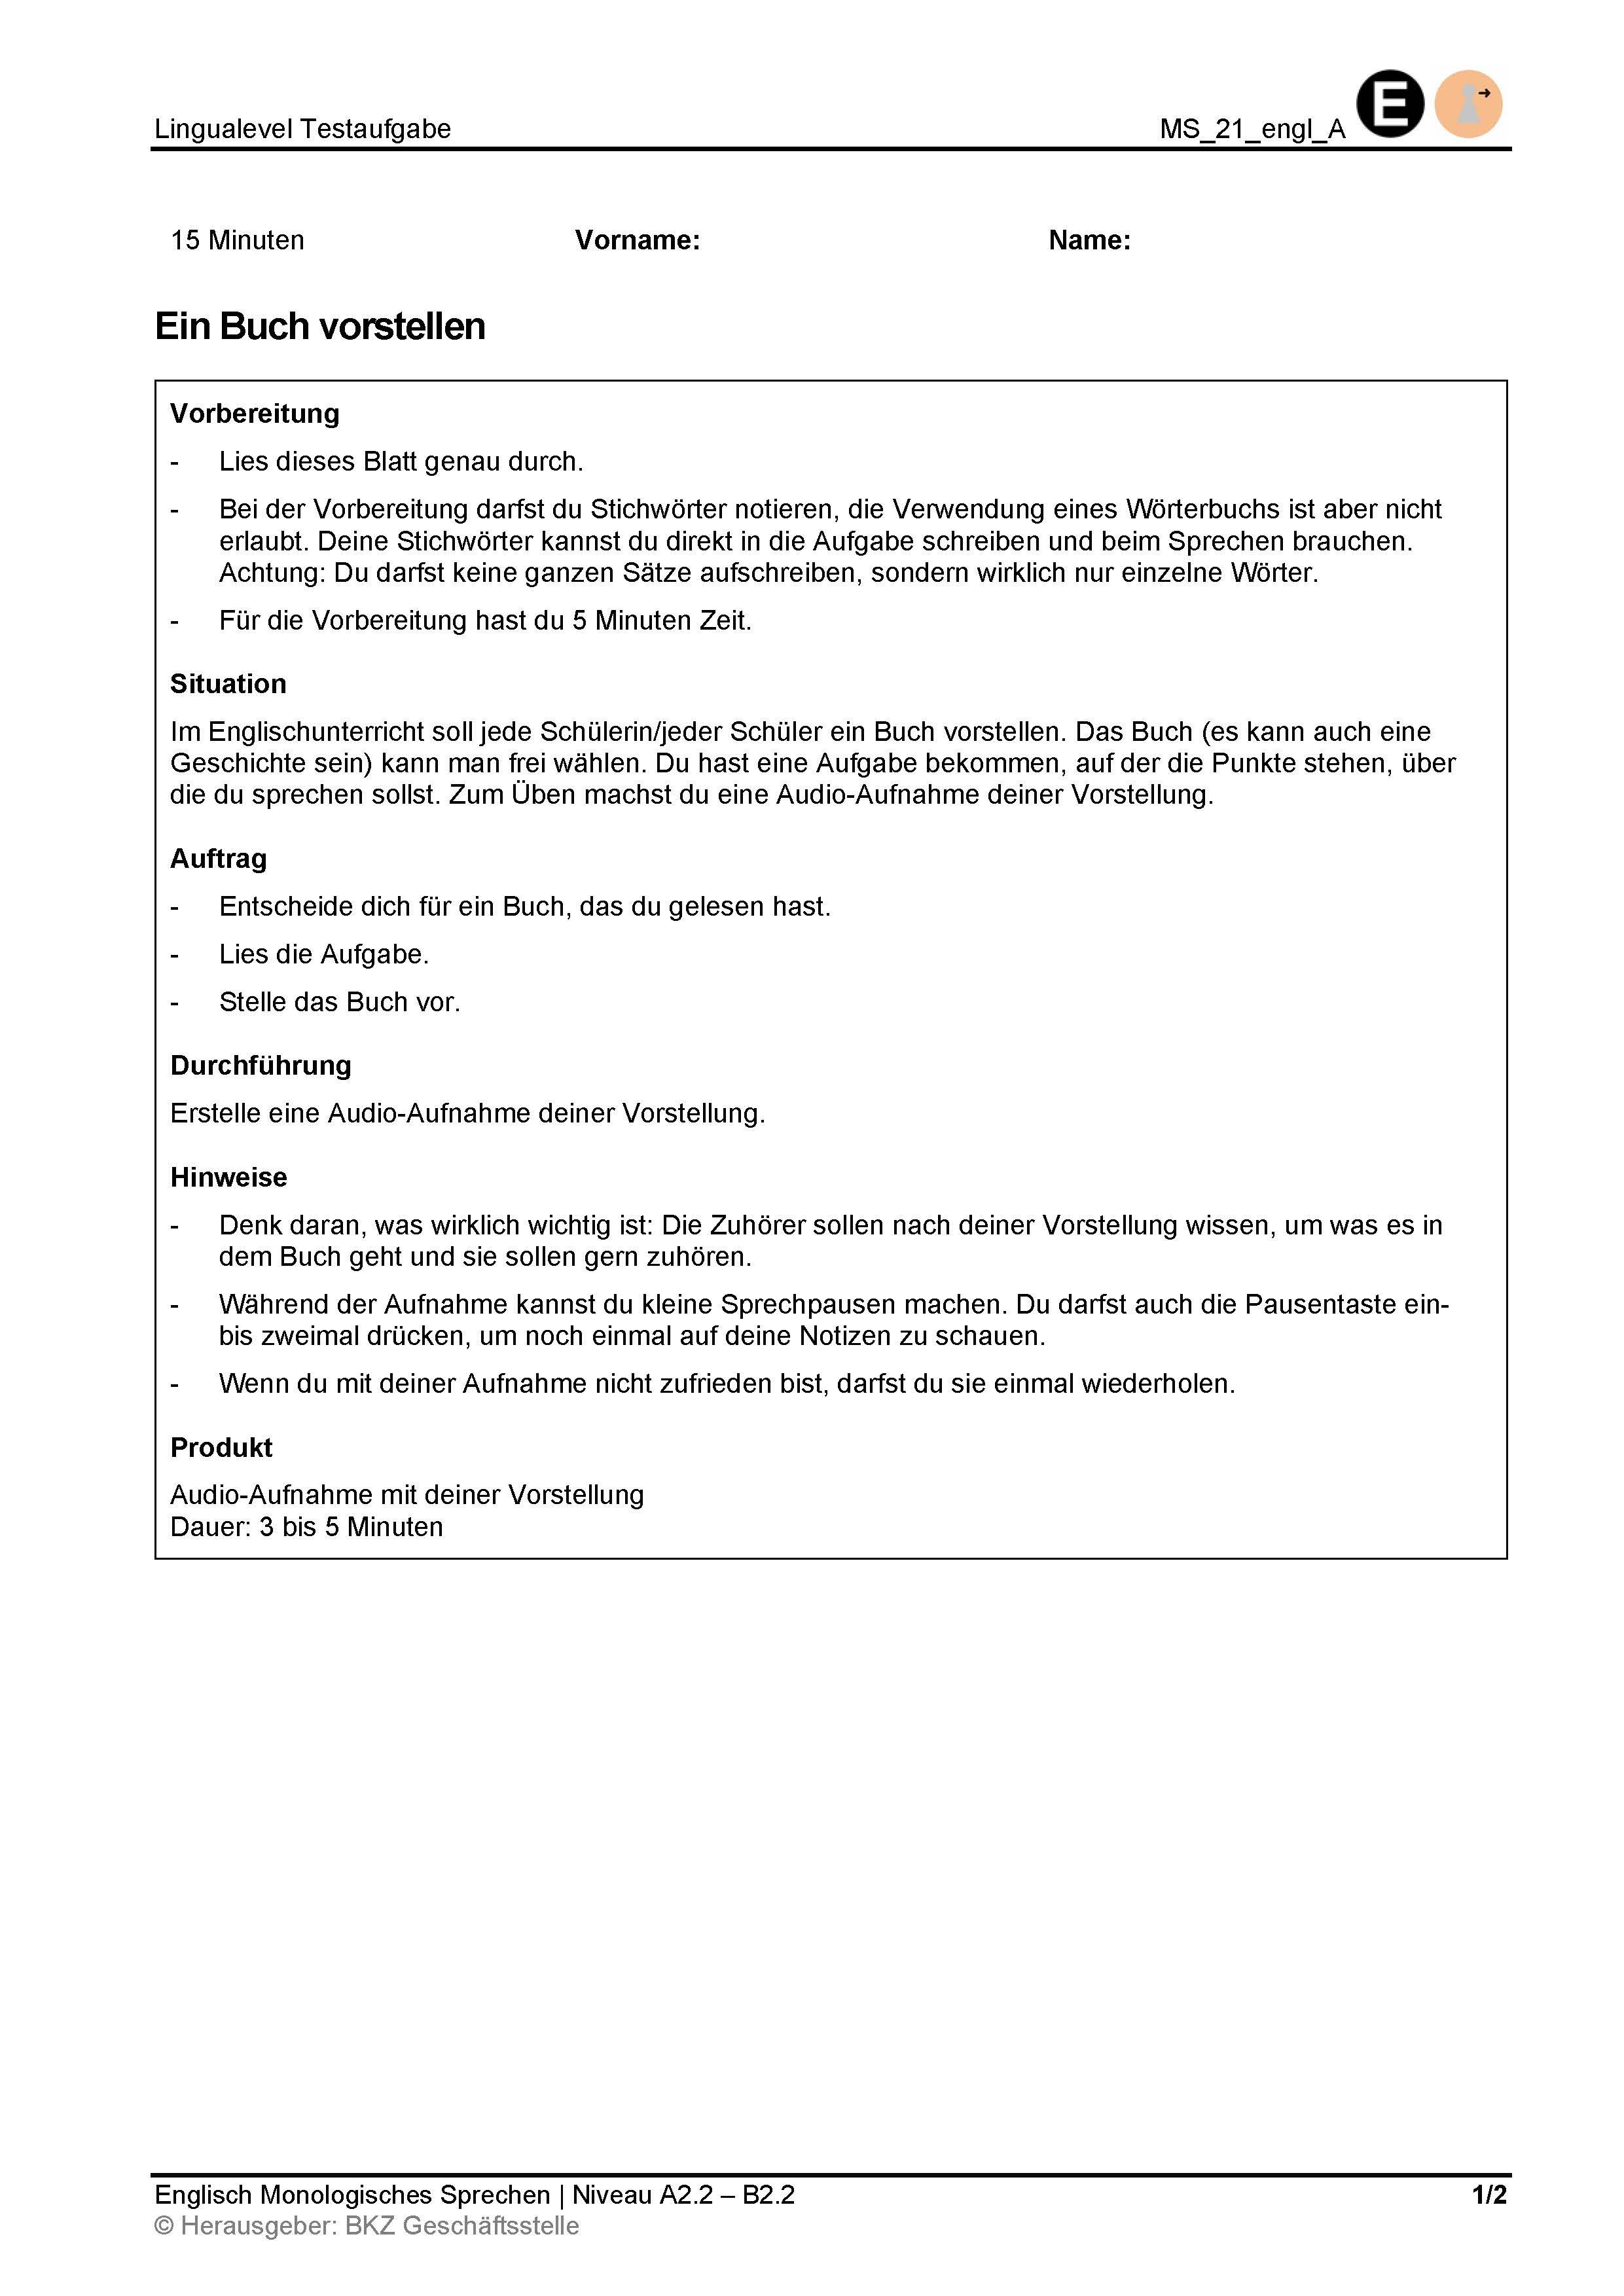 Preview image for LOM object Monologisches Sprechen: Ein Buch vorstellen